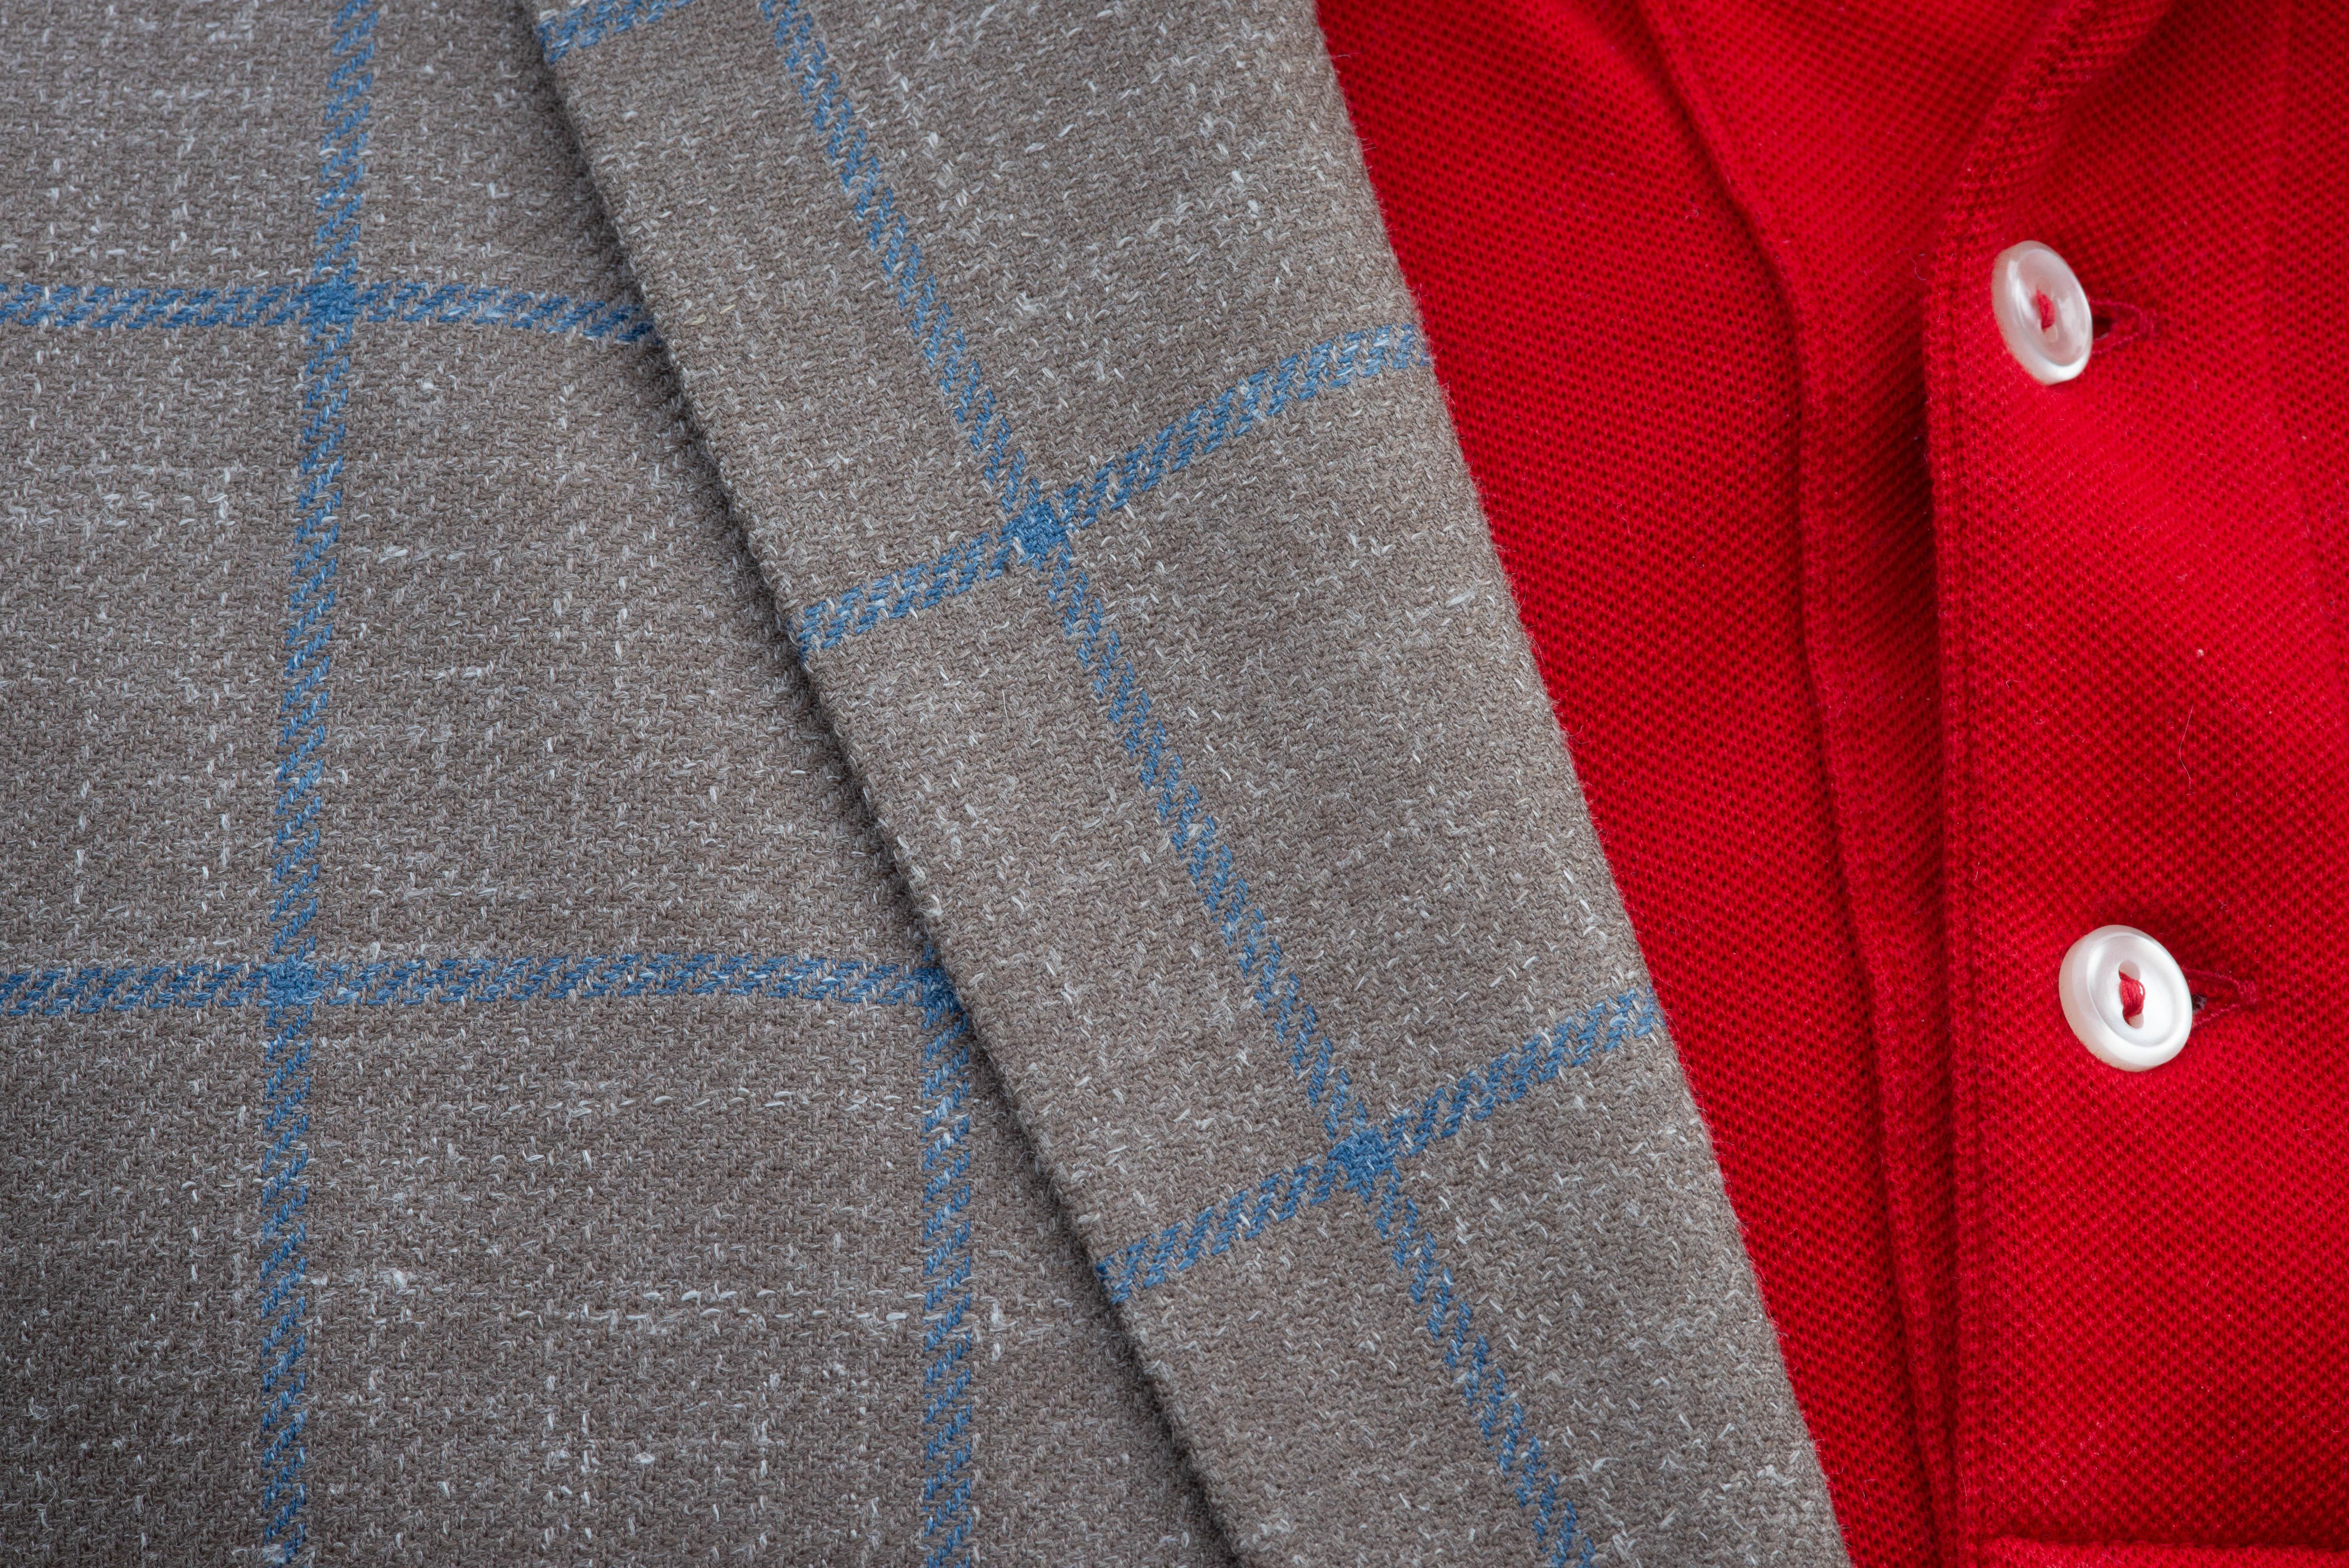 Veste souple demi-doublée, 2 boutons, surpiquée, col tailleur avec boutonnière ouverte, bas de manche avec boutonnière ouverte, 2 poches à rabat, 1 poche poitrine, 2 fentes dos.